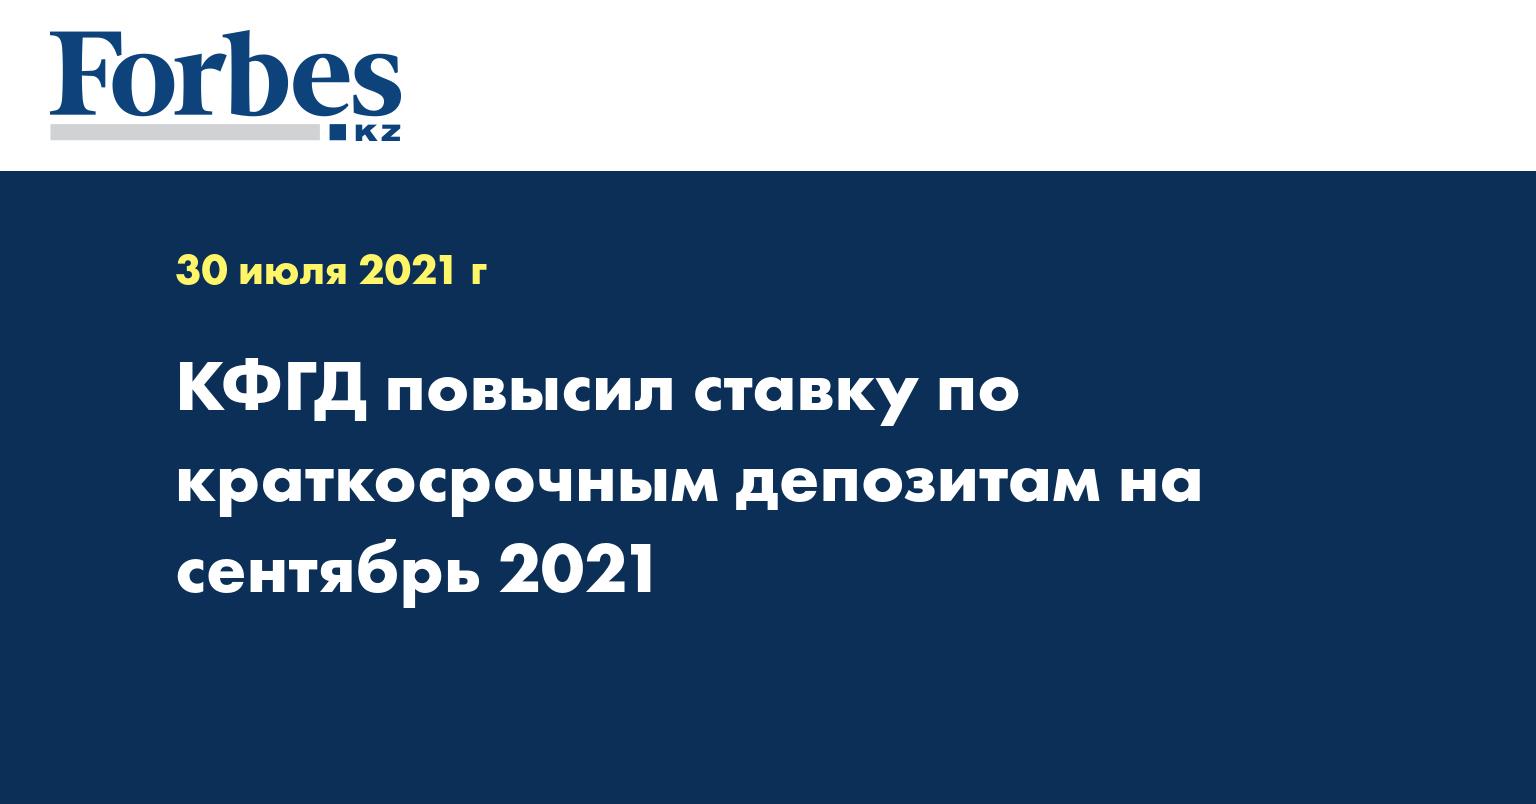 КФГД повысил ставку по краткосрочным депозитам на сентябрь 2021